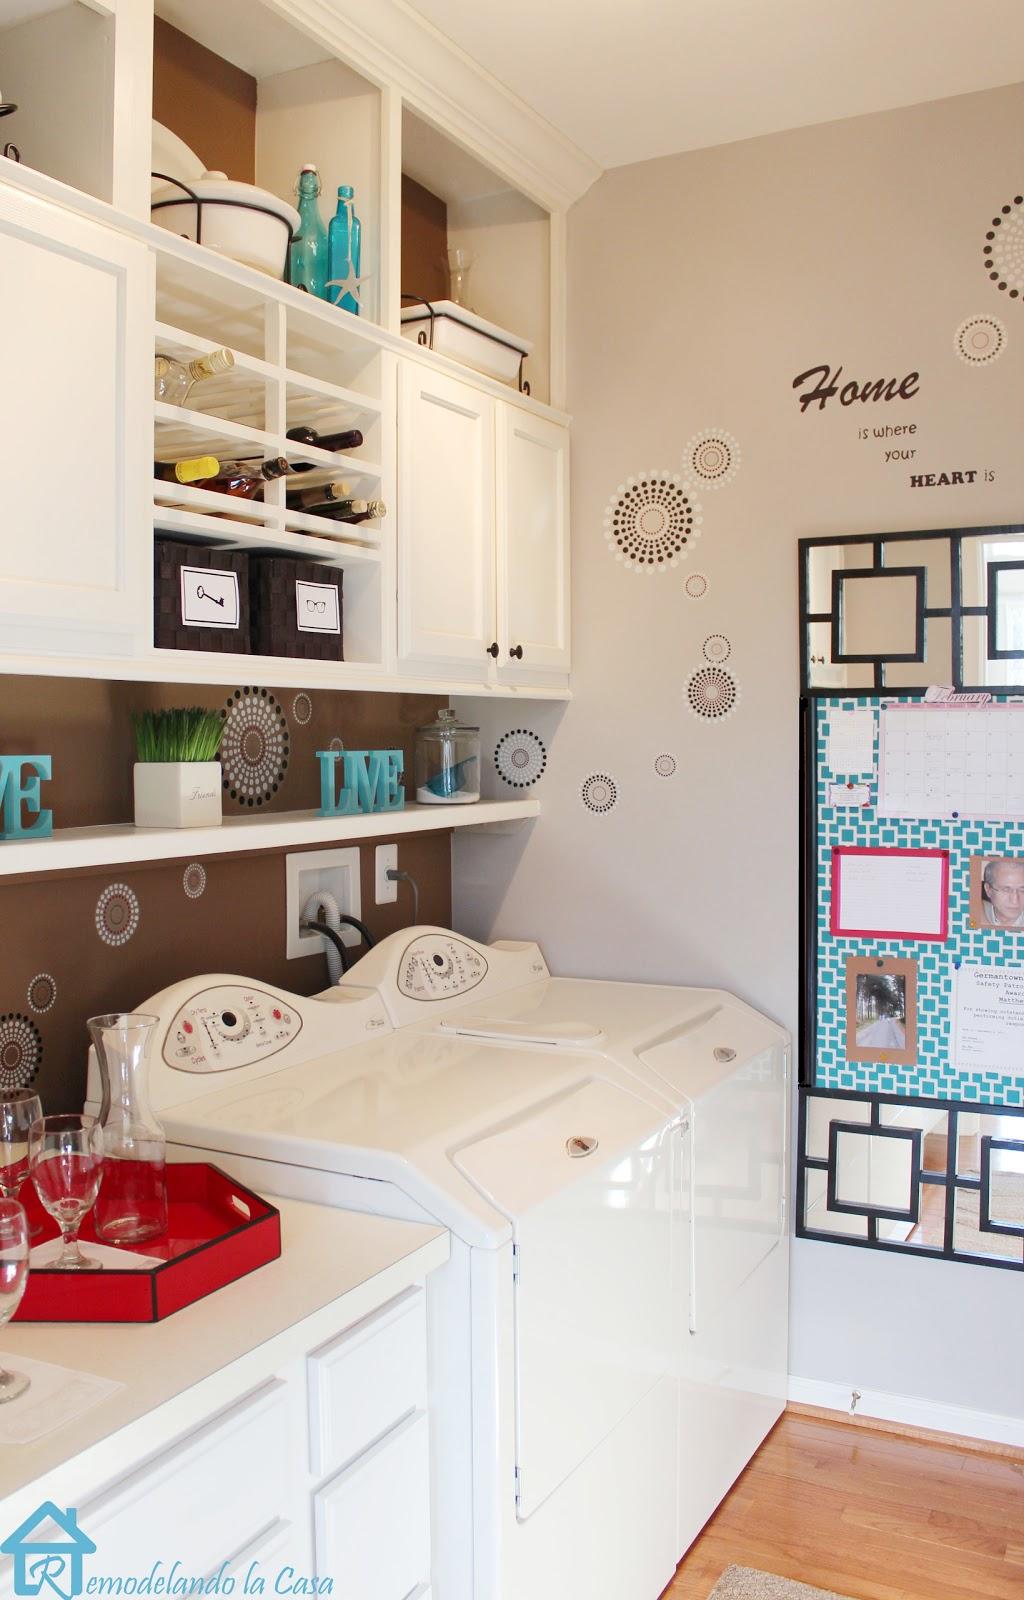 remodelando la casa: laundry room mini-makeover